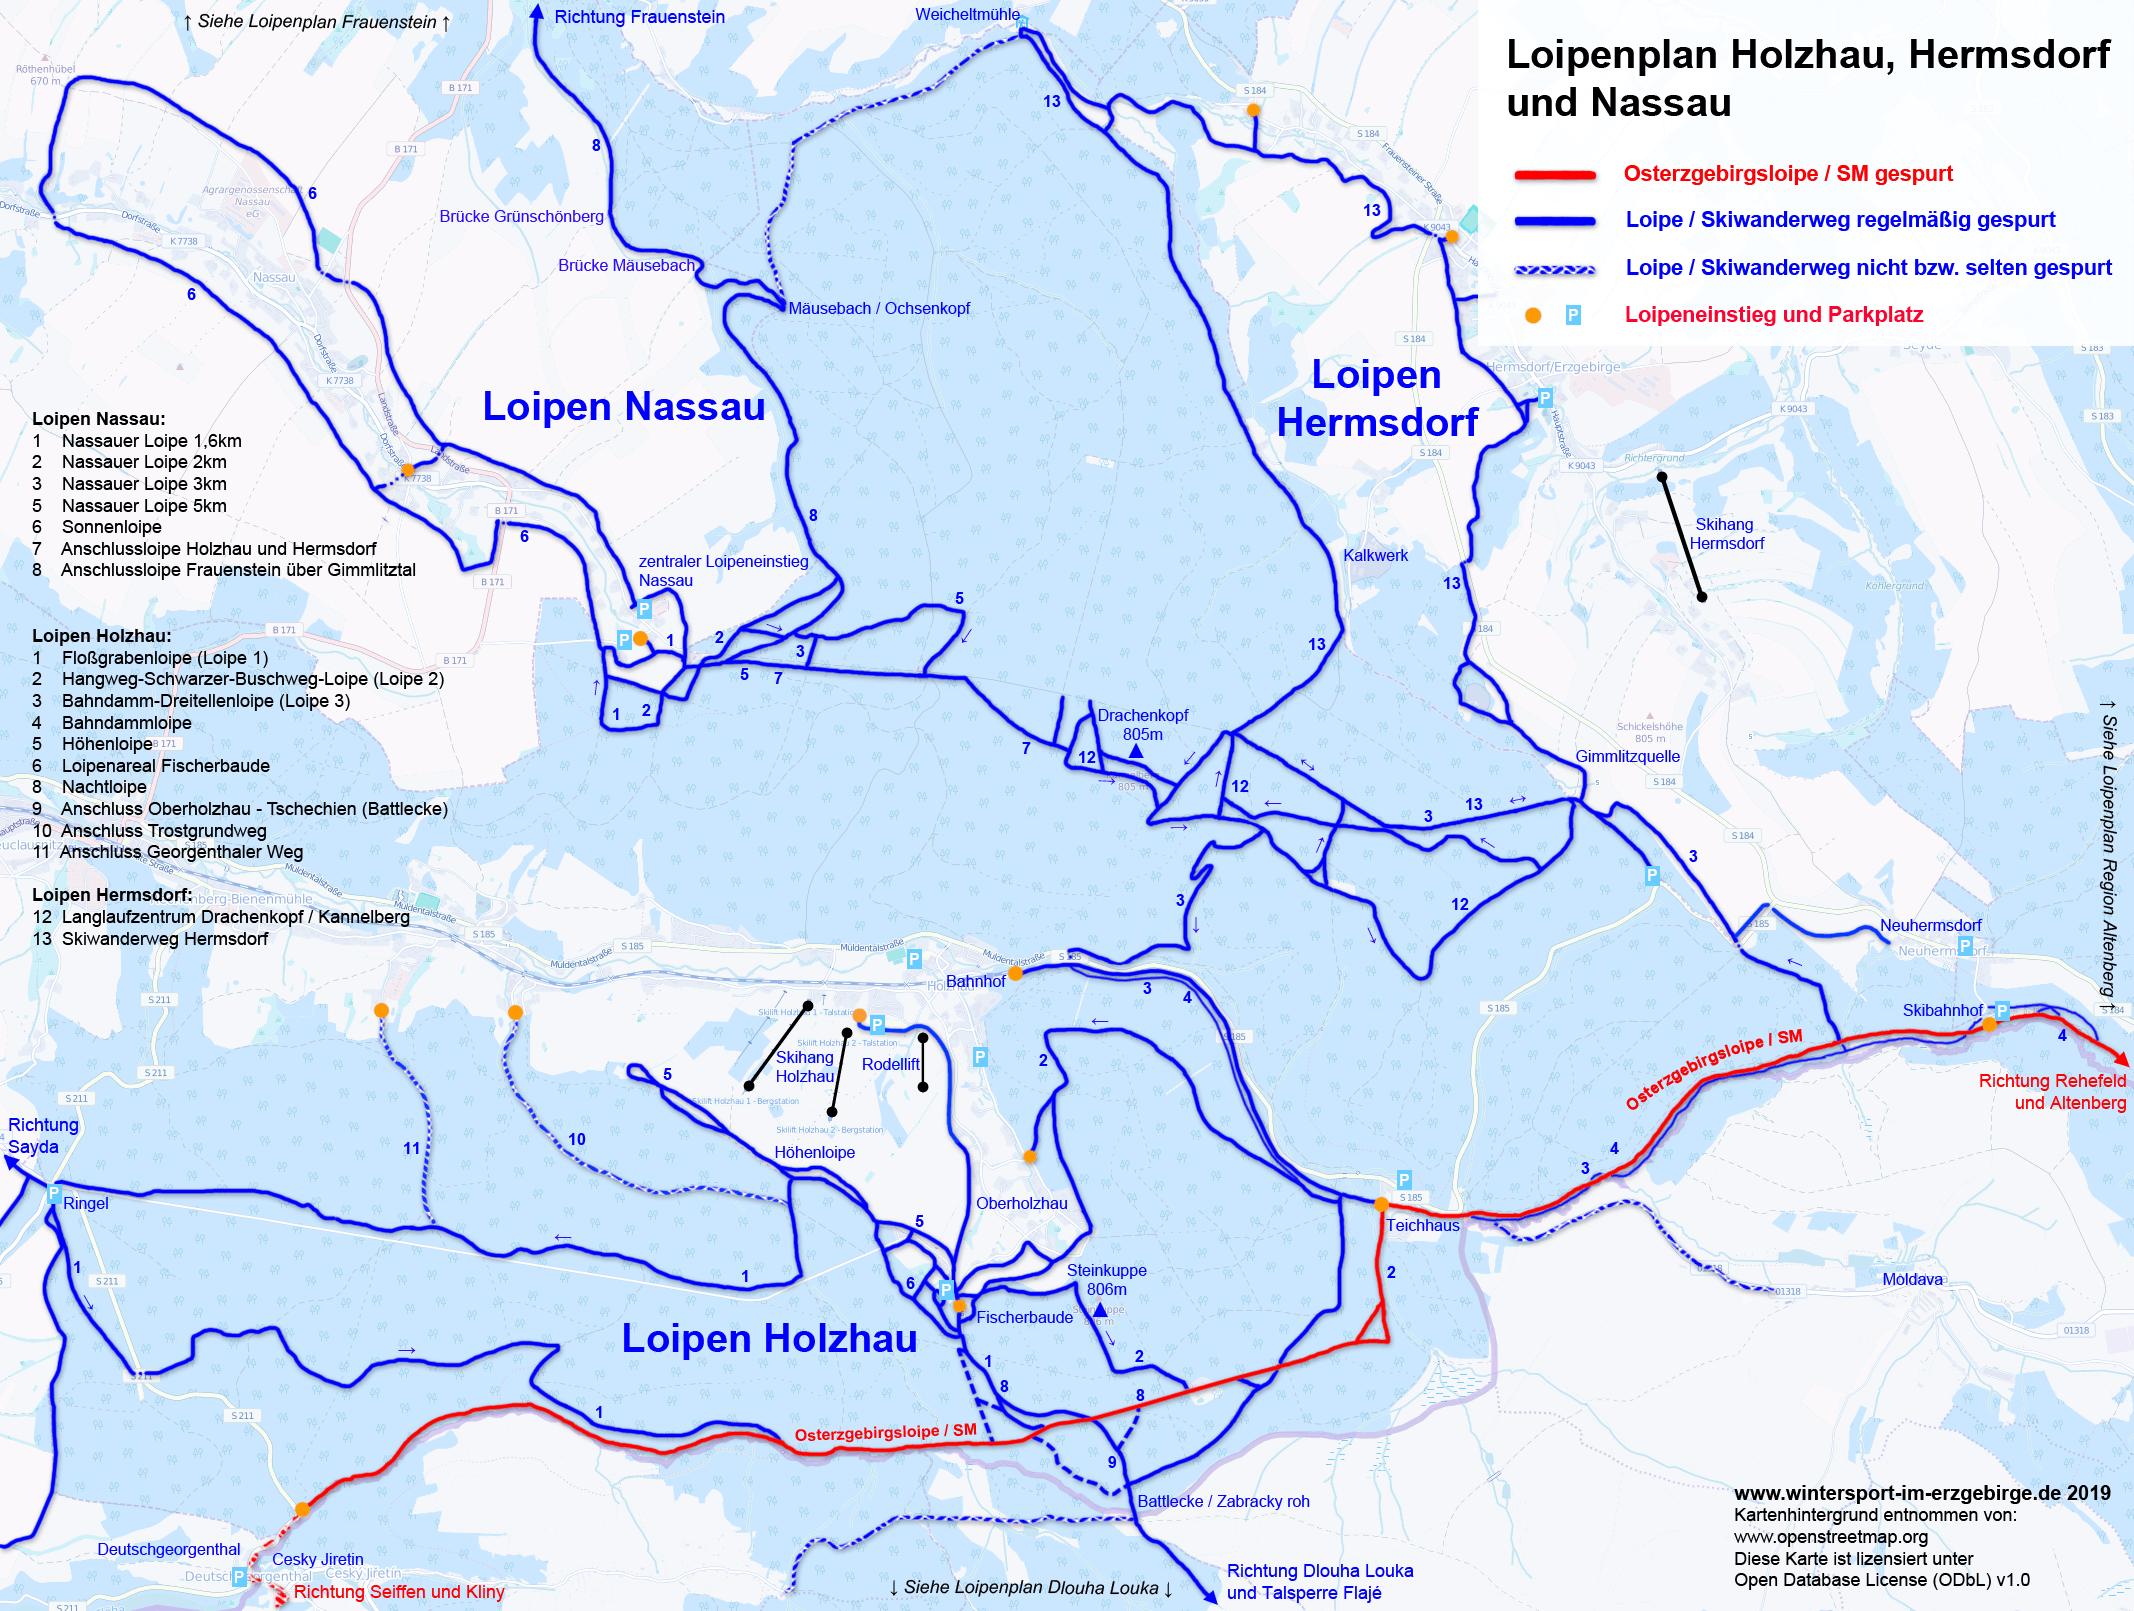 Loipenplan Holzhau